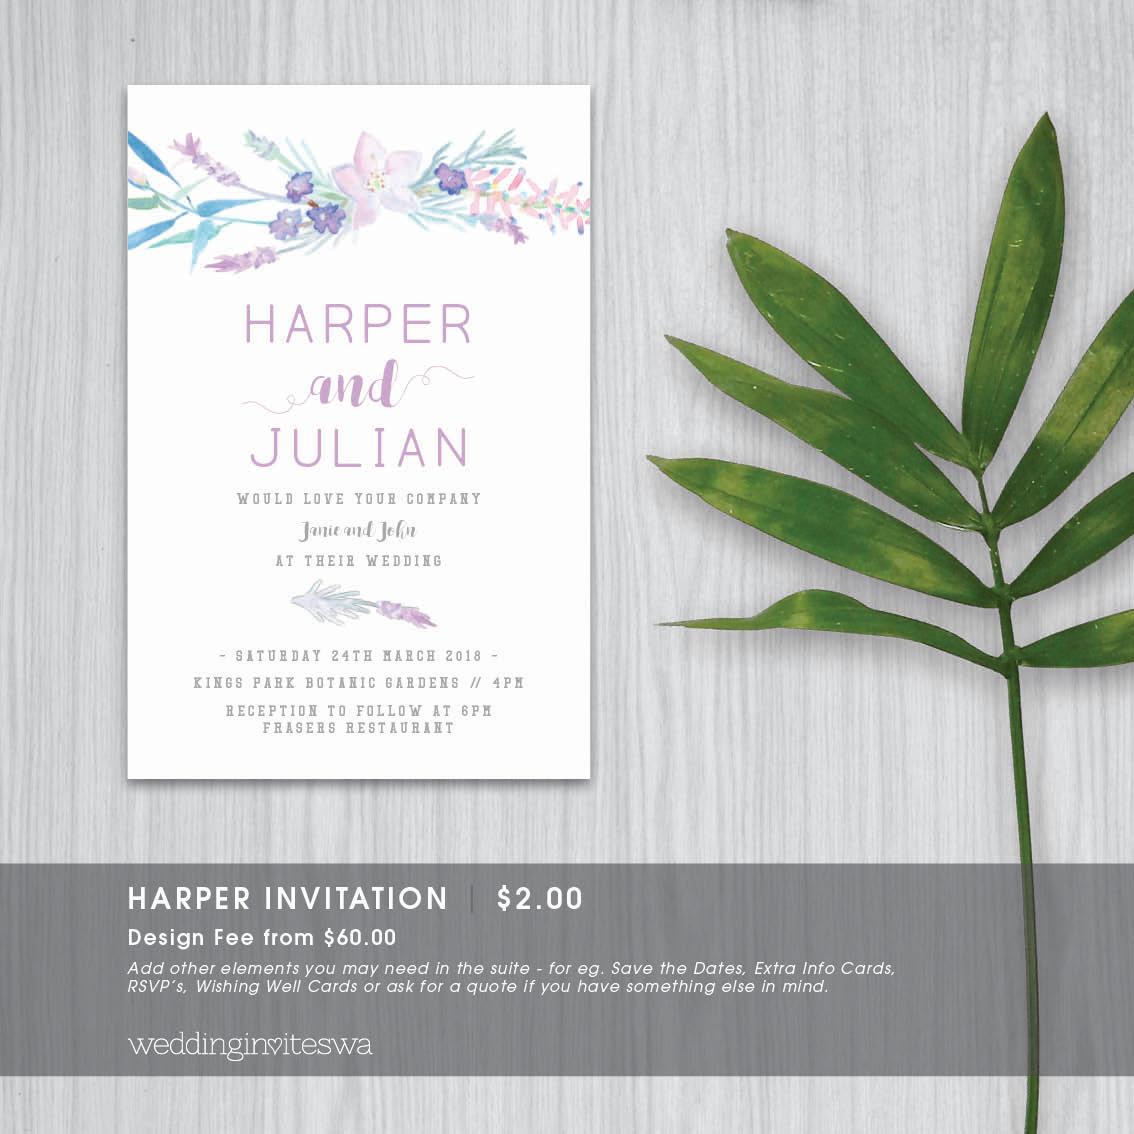 HARPER_invite